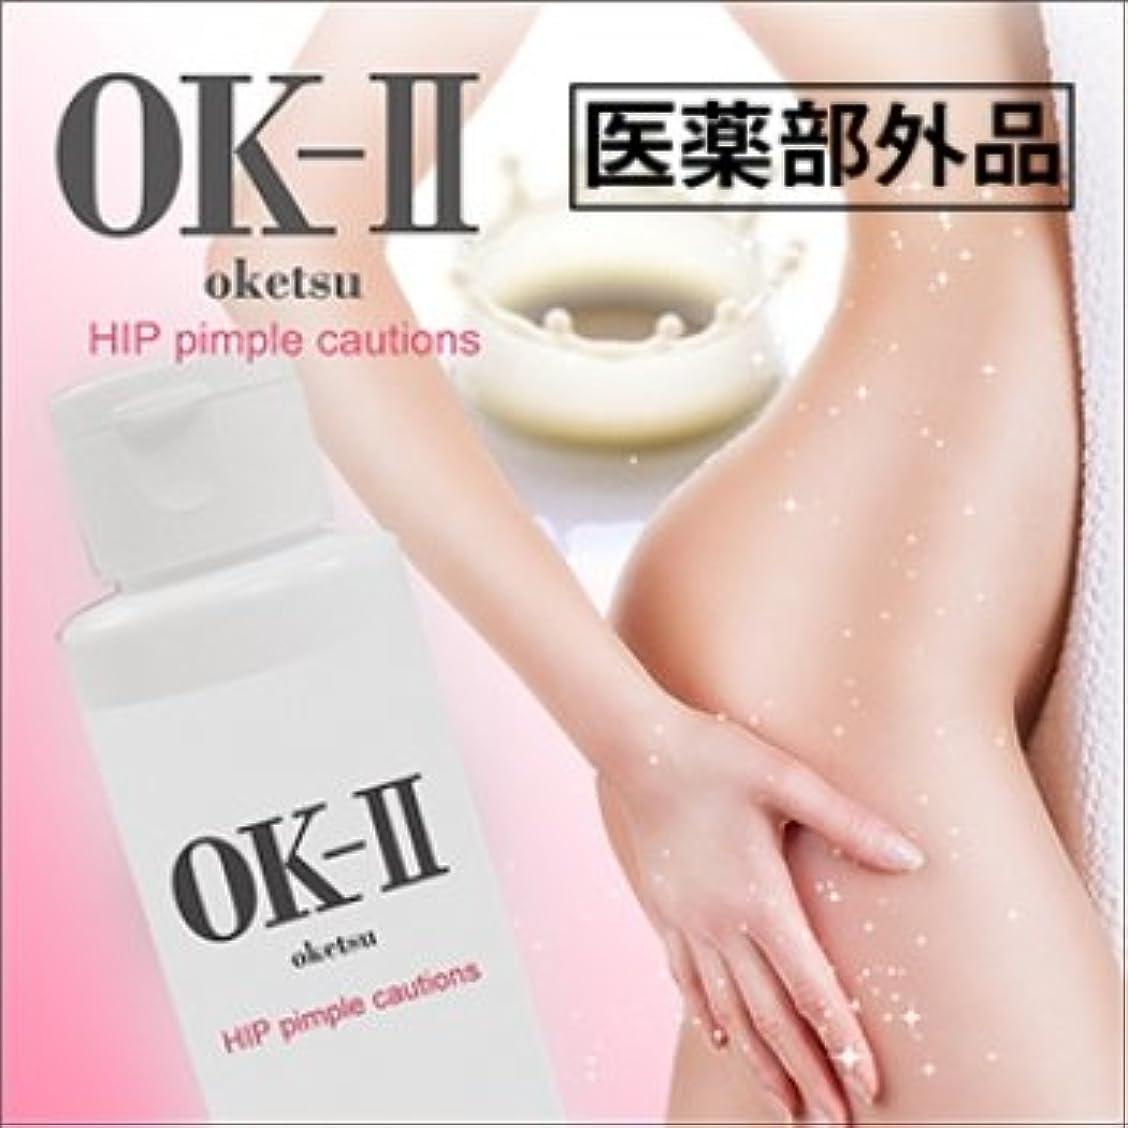 スチュワードそこ電圧OK-IIオッケーツー(薬用お尻ニキビケアボディ乳液)医薬部外品